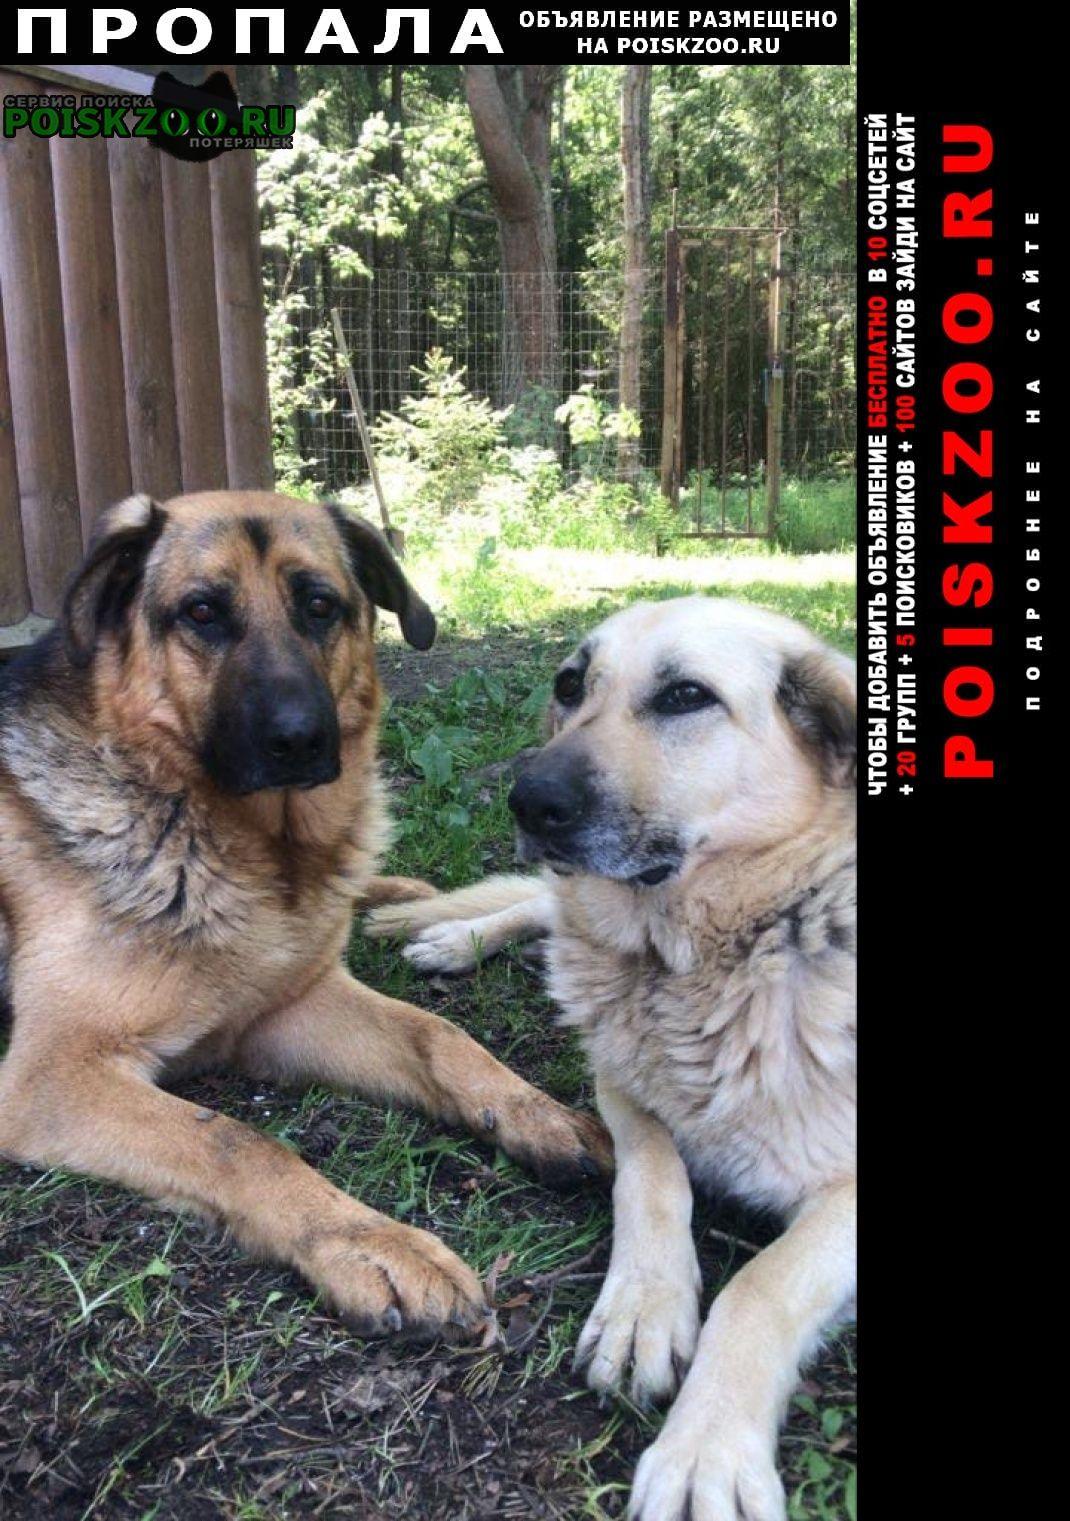 Пропала собака и две собаки, мальчик и девочка Дружная Горка